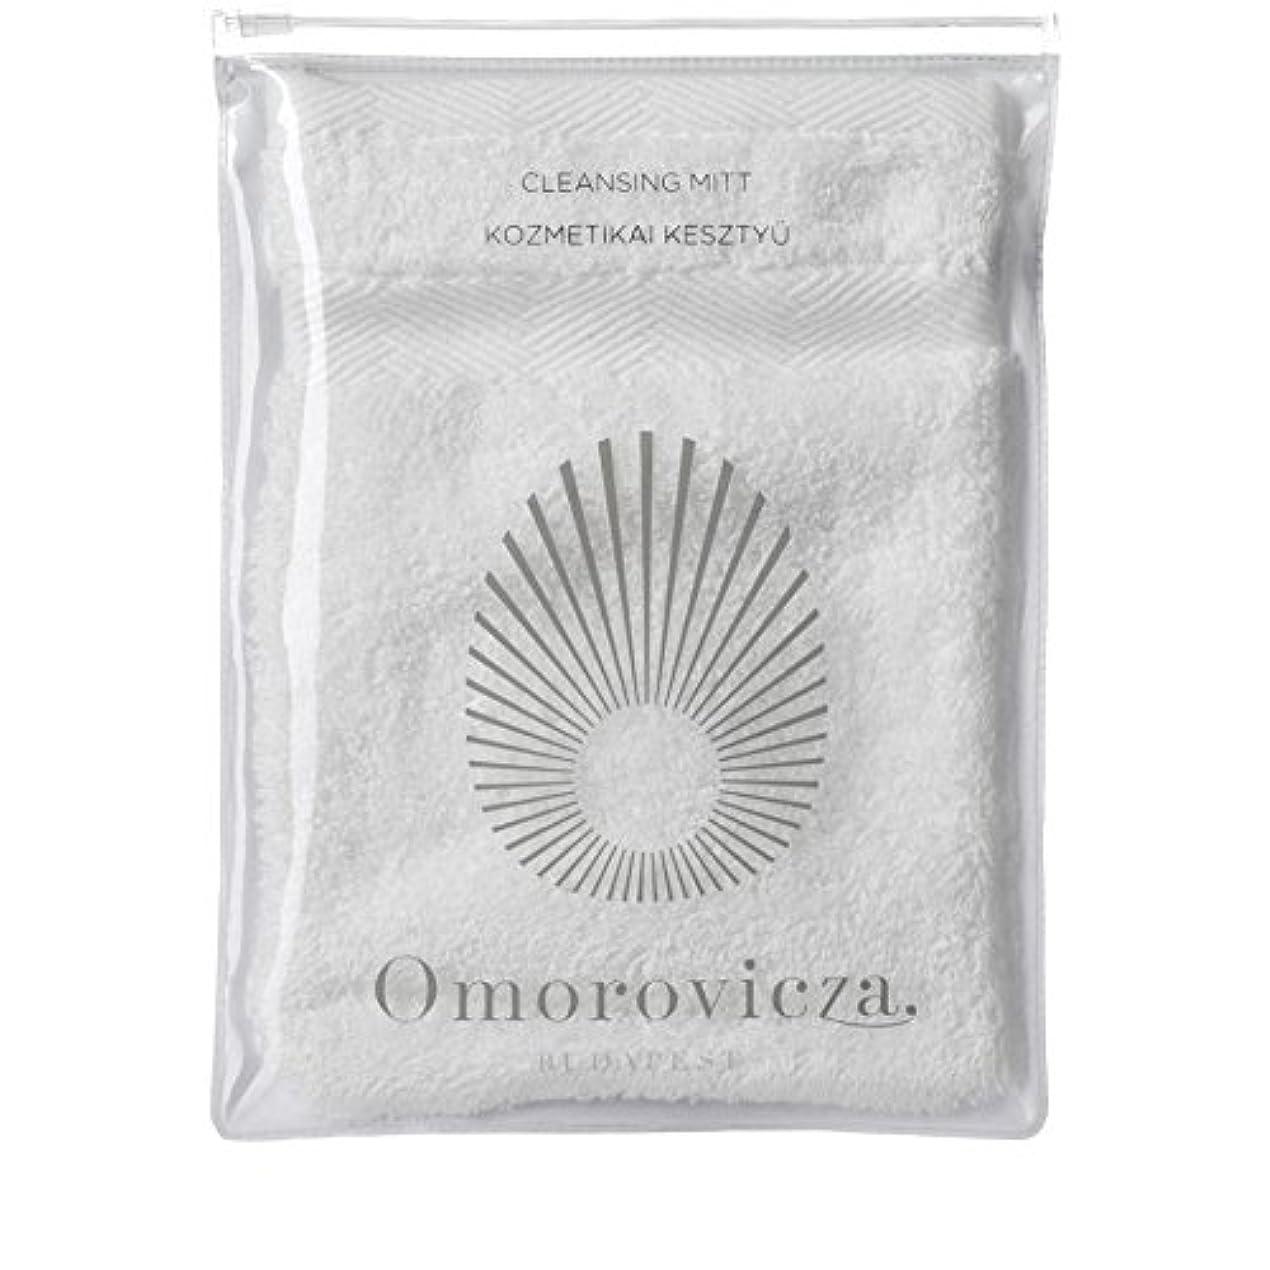 純正写真を撮るあなたはOmorovicza Cleansing Facial Mitt, Omorovicza (Pack of 6) - クレンジング顔のミット、 x6 [並行輸入品]